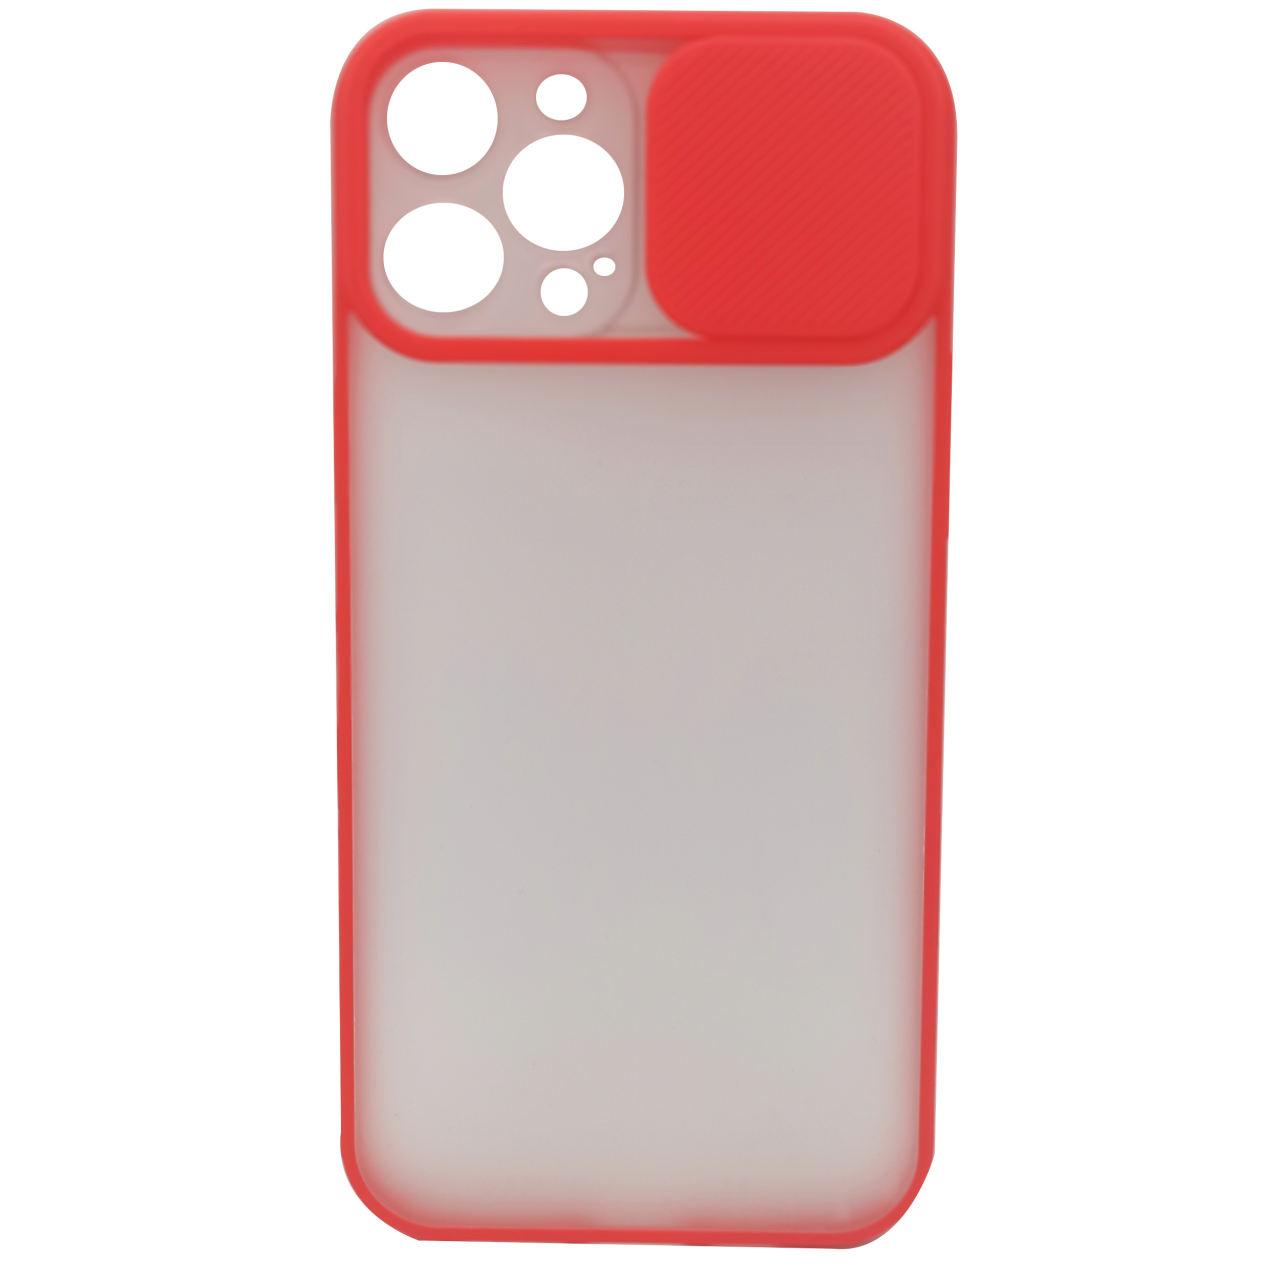 کاور مدل IP011 مناسب برای گوشی موبایل اپل iPhone 12Pro Max